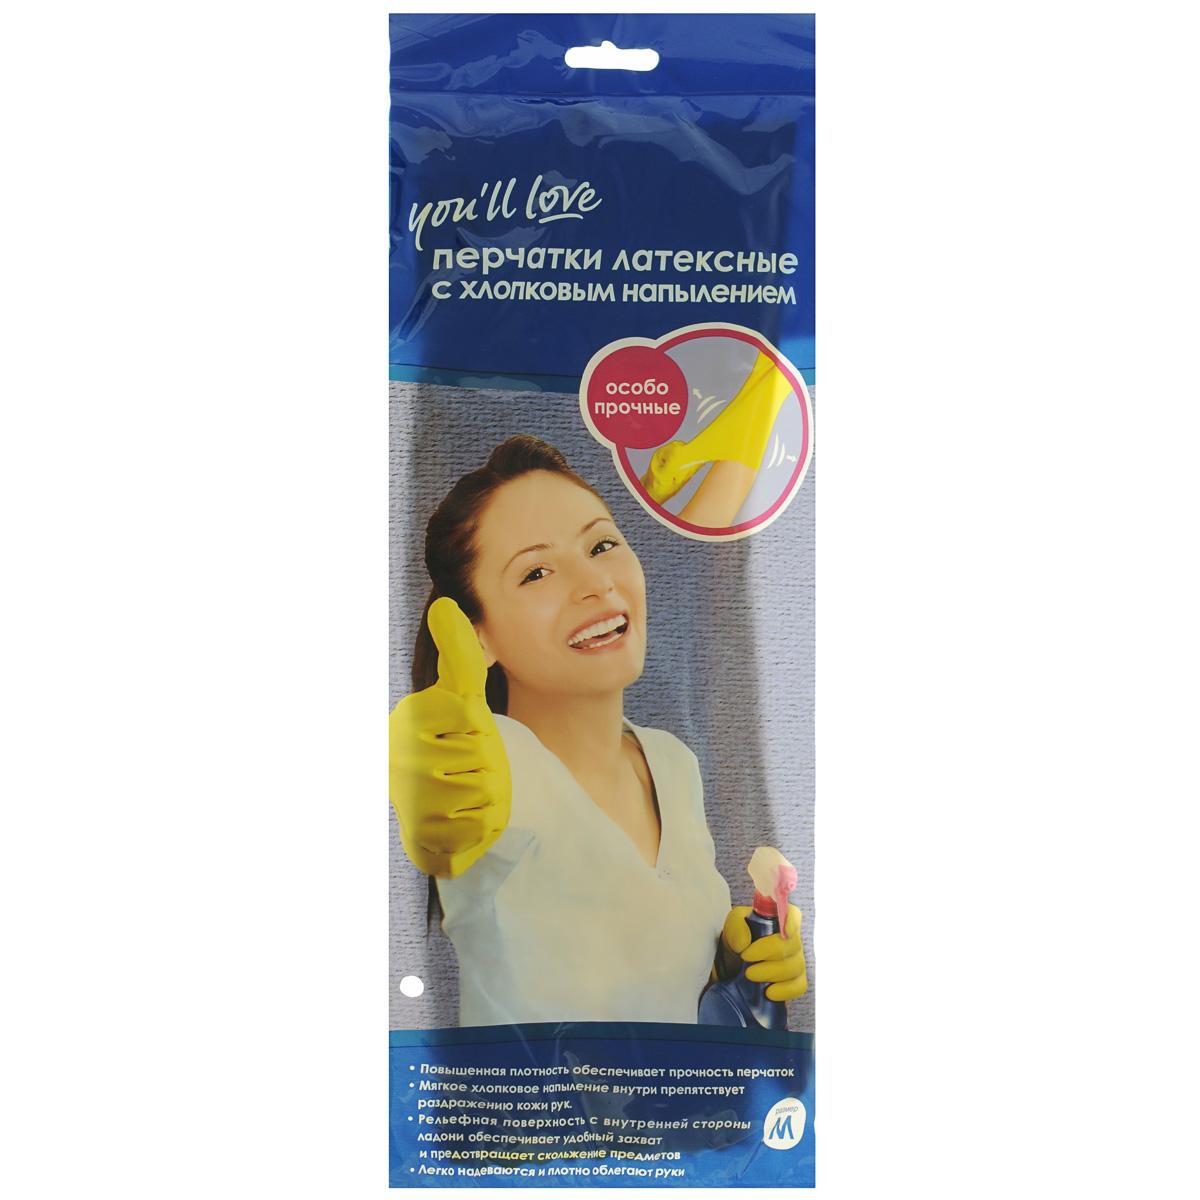 Перчатки латексные Youll love, особо прочные. Размер M07003-70Особо прочные, плотные латексные перчатки Youll love с хлопковым напылением. Отлично защищают руки от загрязнений и воздействия моющих средств. Рельефная поверхность с внутренней стороны ладони обеспечивает удобный захват и антискользящий эффект. Хлопковое напыление защищает от раздражений.